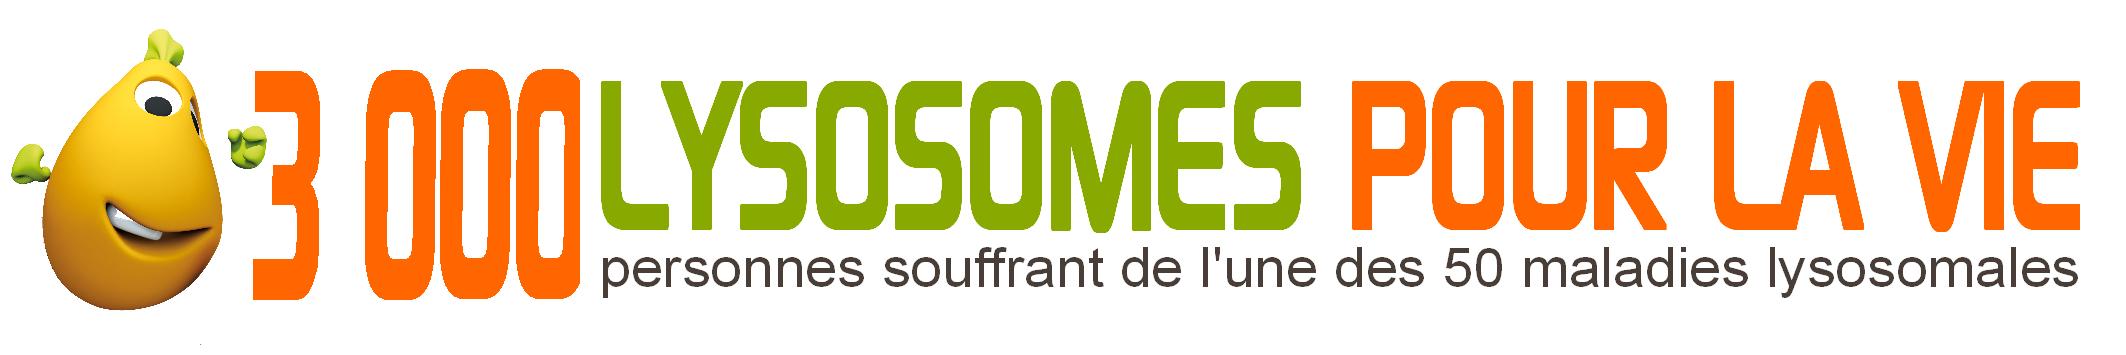 3000-lysosomes-pour-la-vie.png